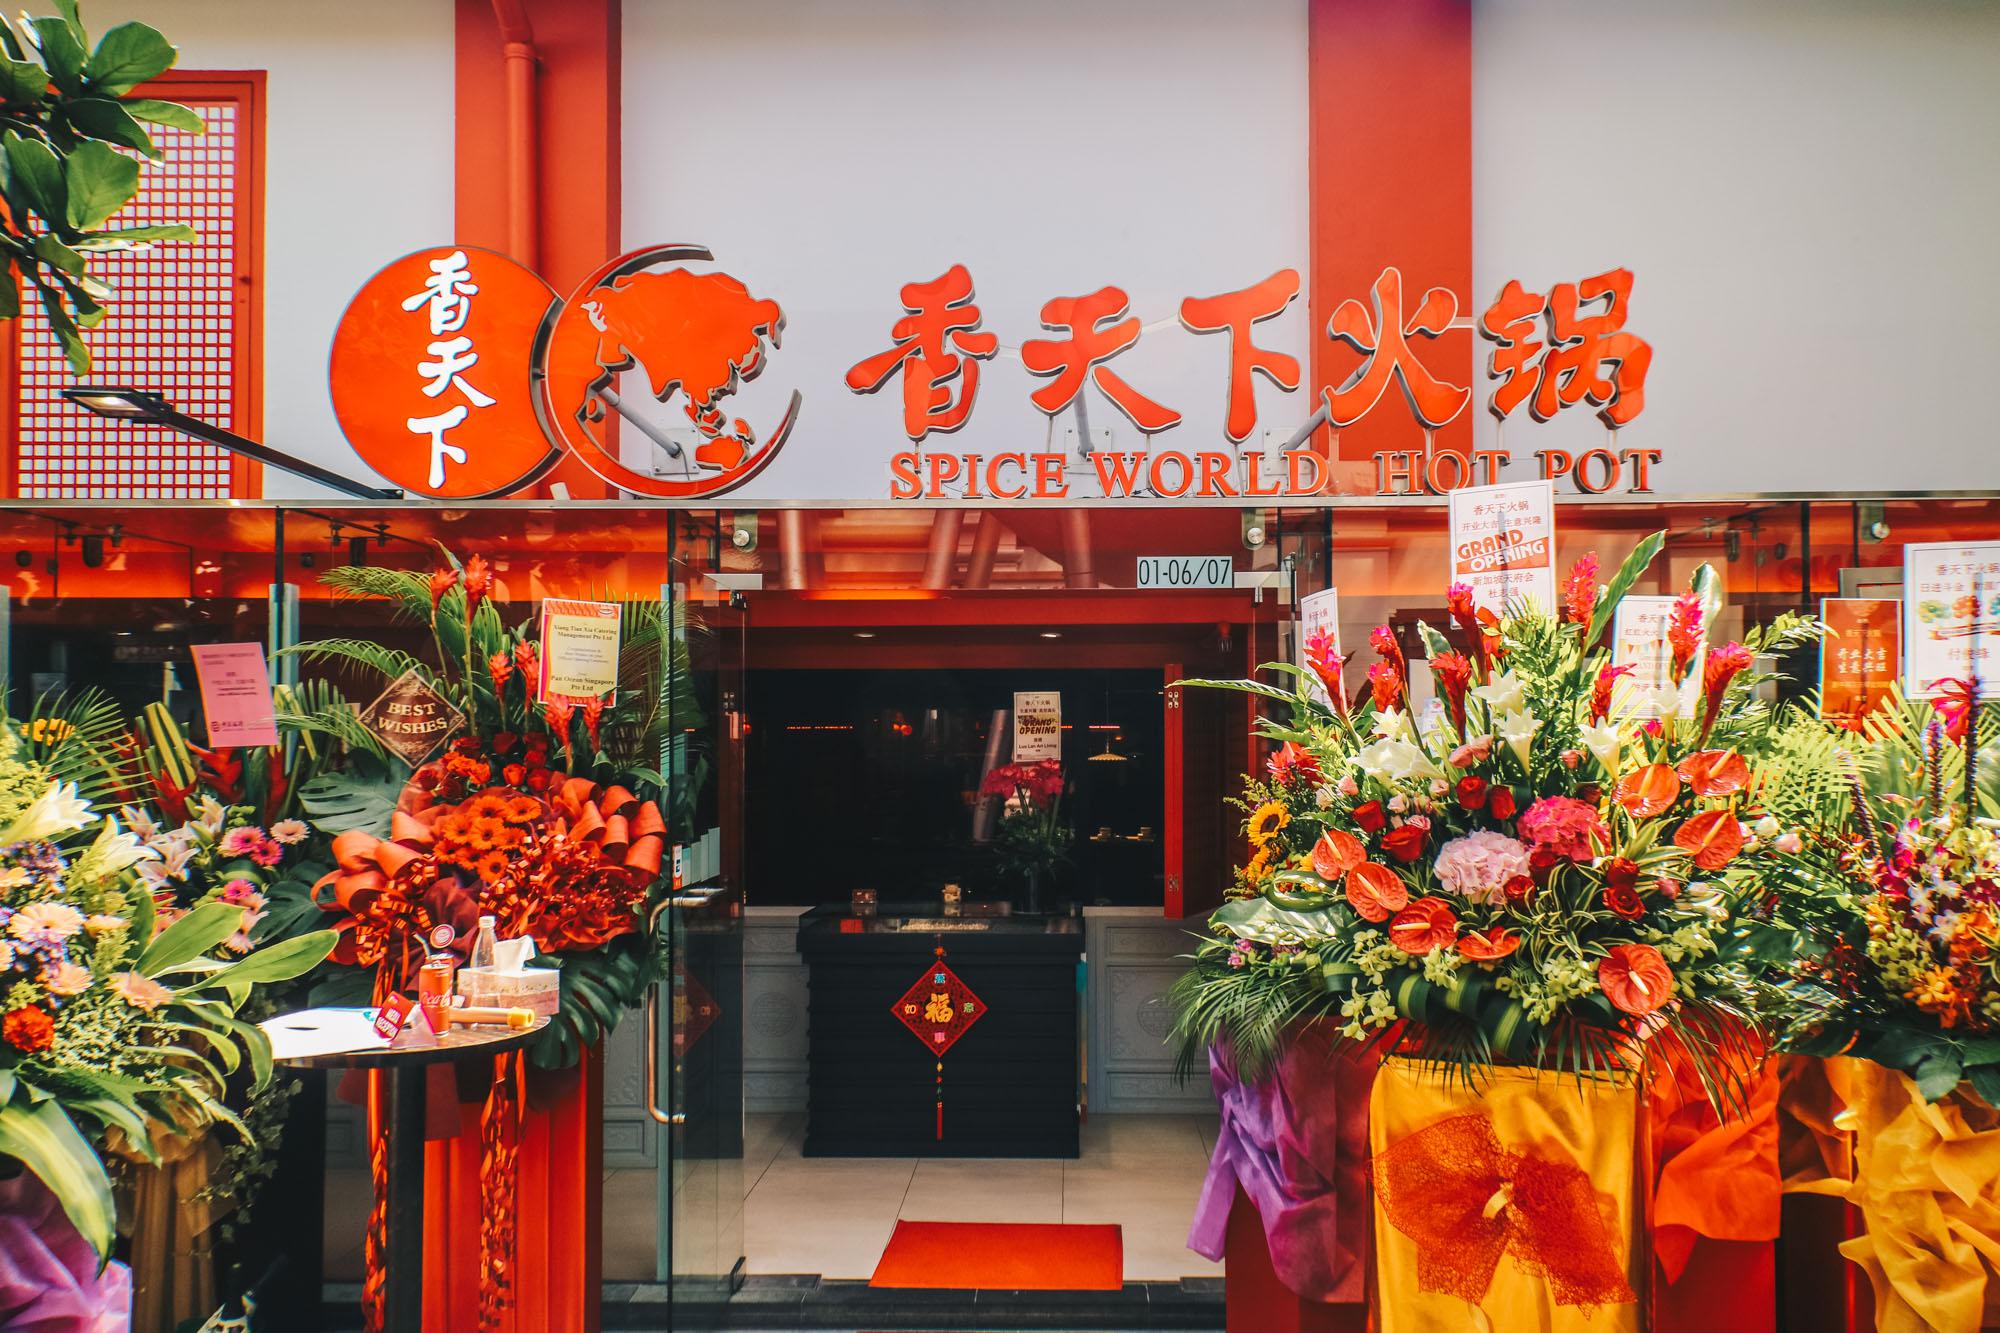 spiceworld-xiang-tian-xia-hotpot-steamboat-darrenbloggie